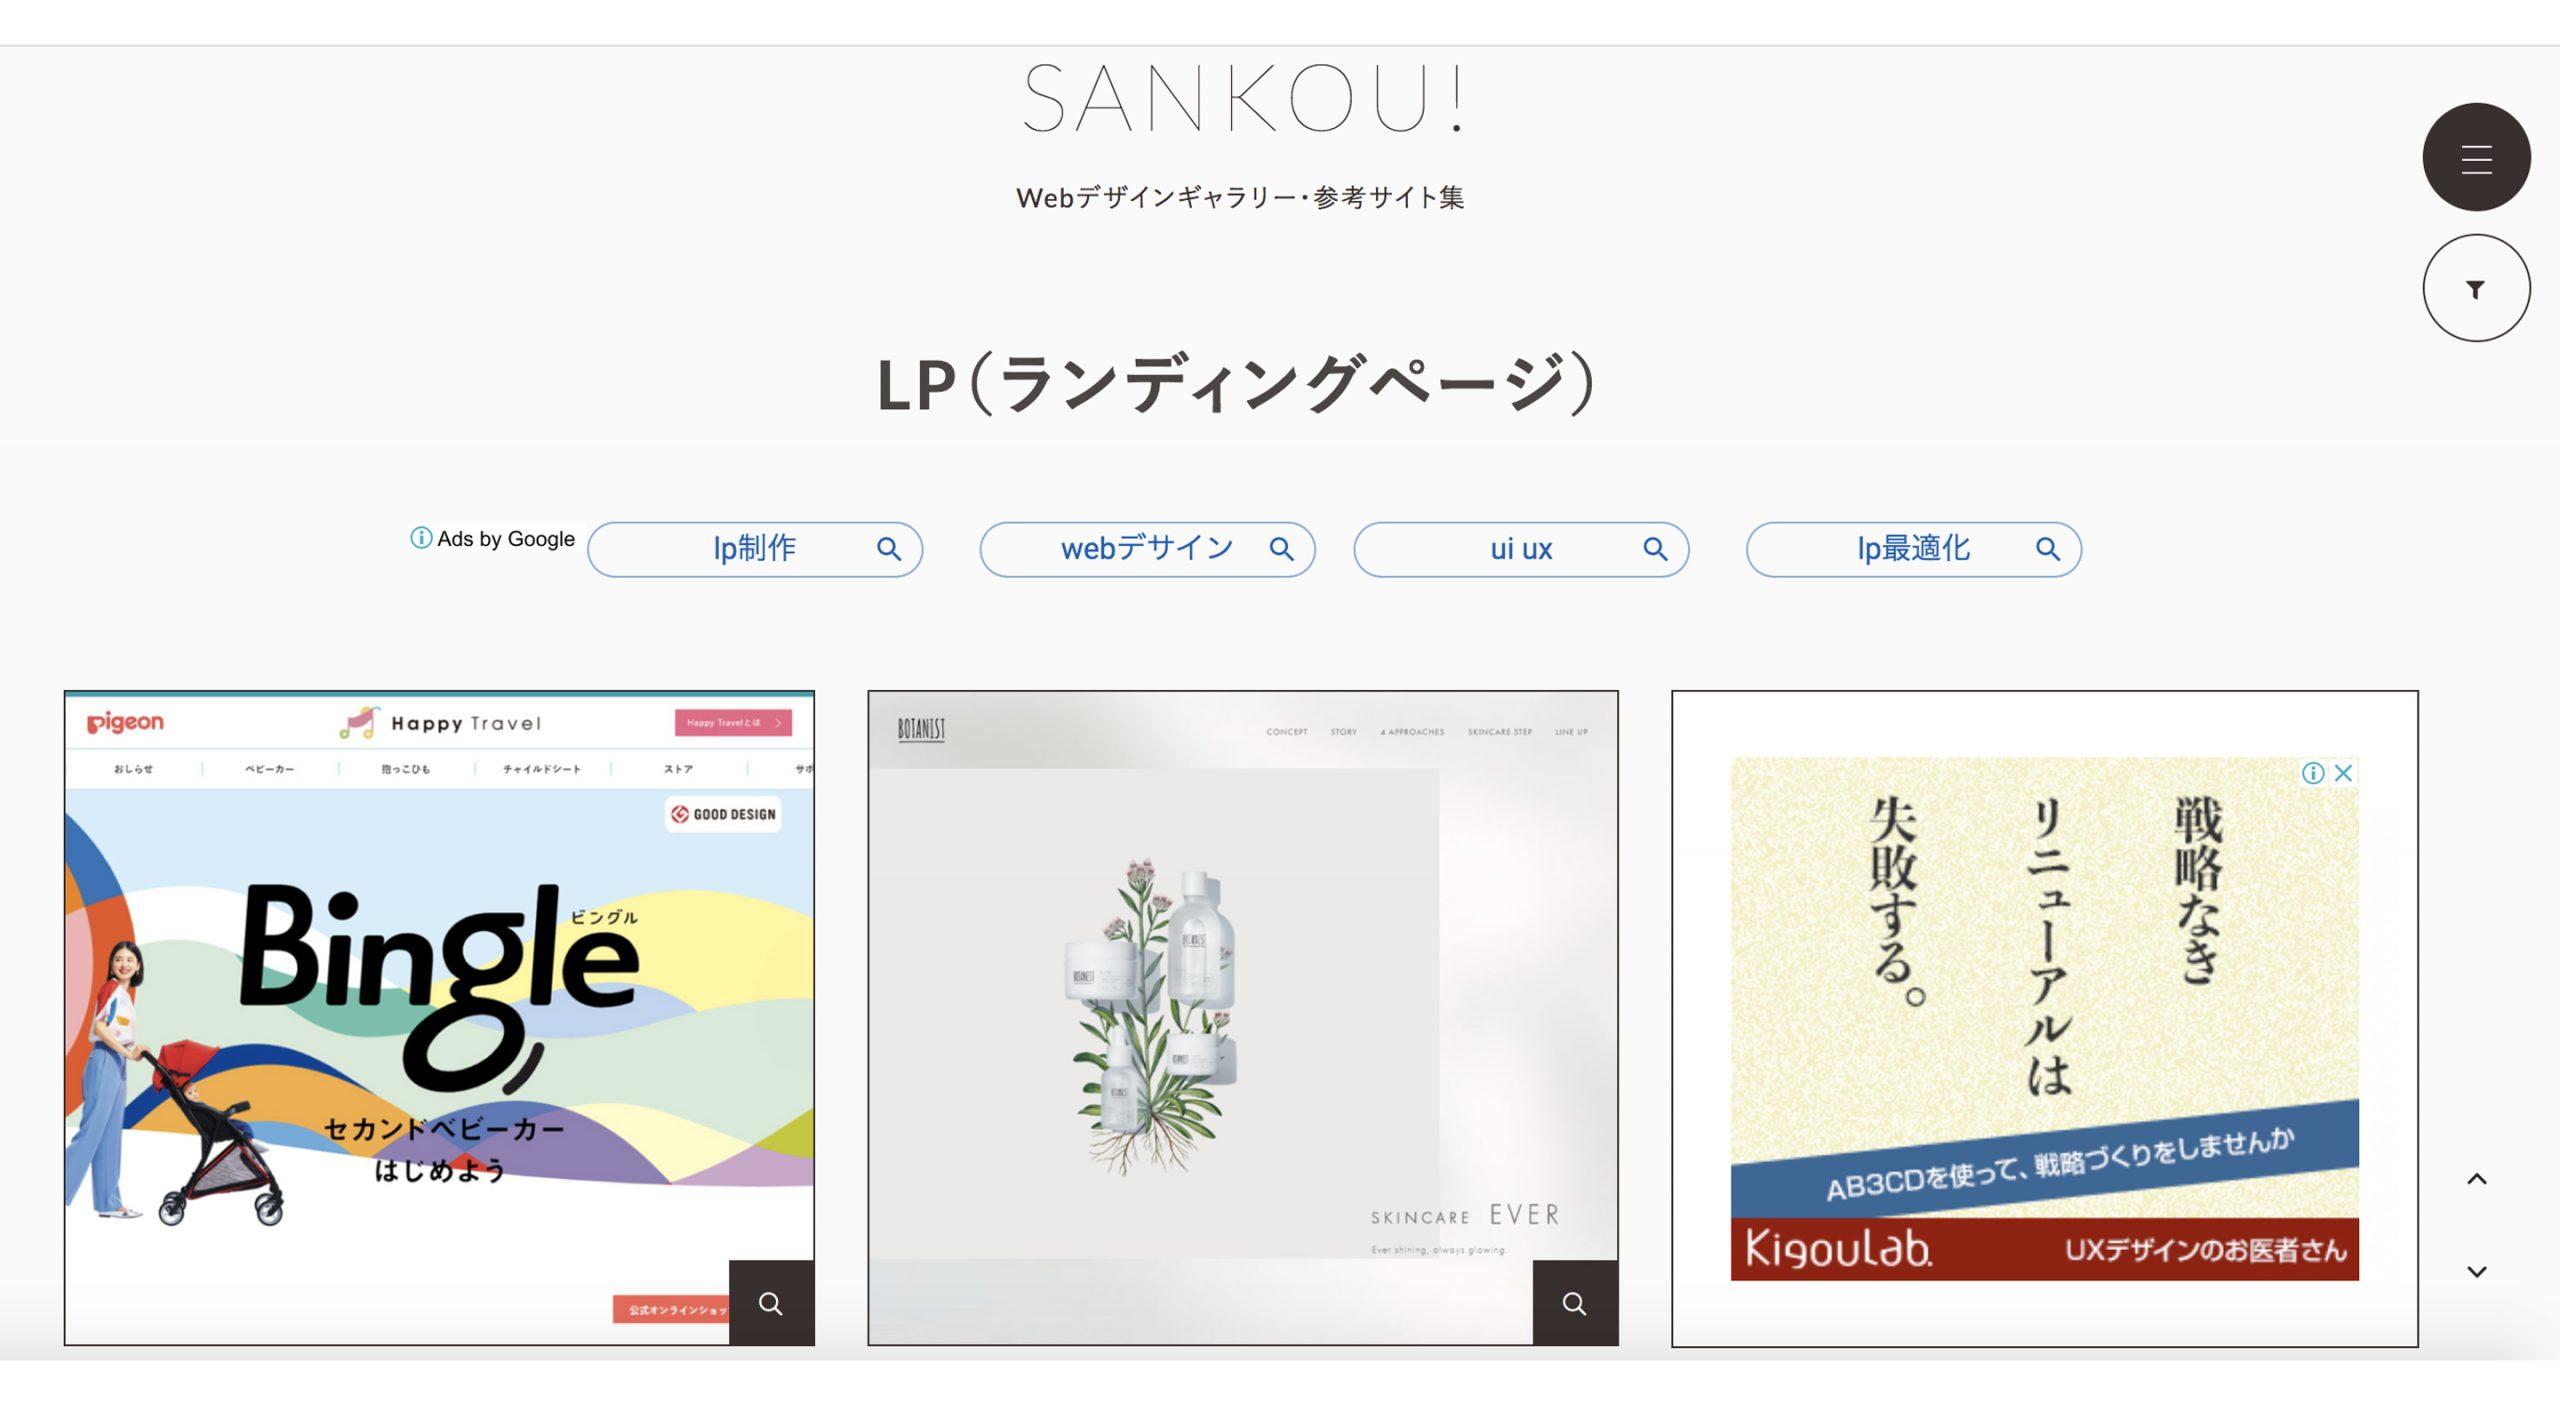 LPサイトSANKOU!Webデザインギャラリー・参考サイト集